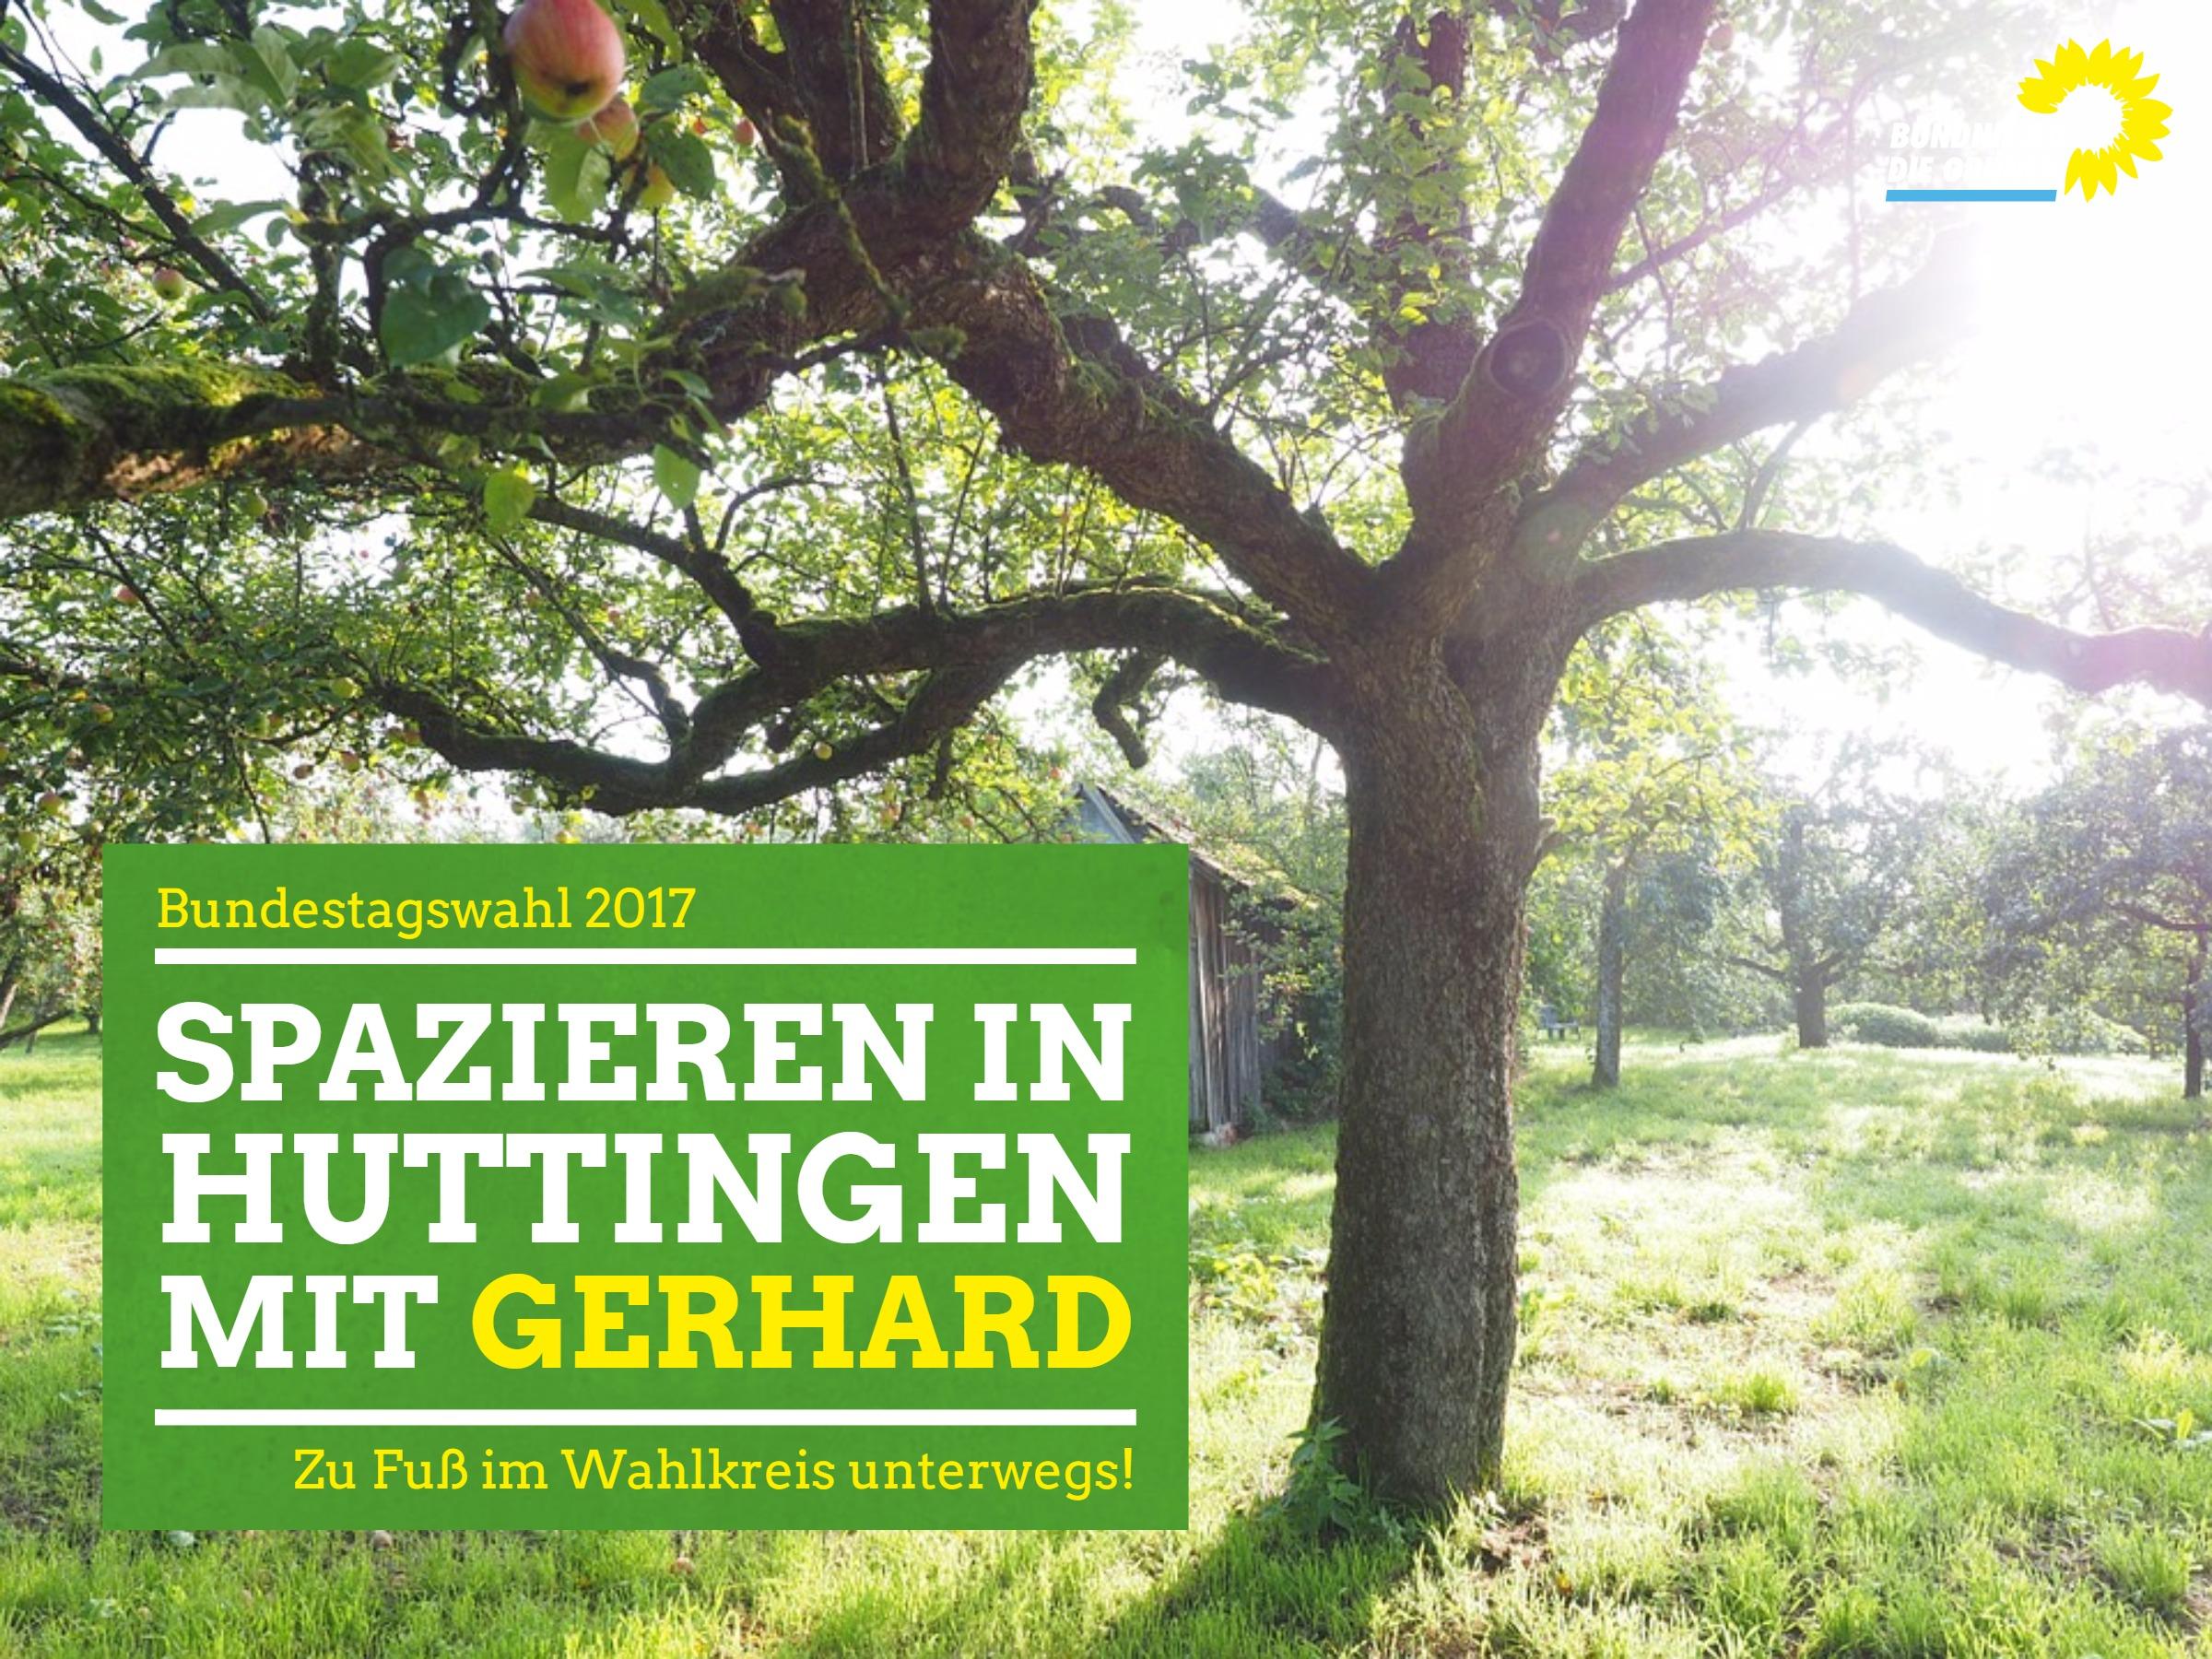 Wandern mit Gerhard Zickenheiner in Huttingen